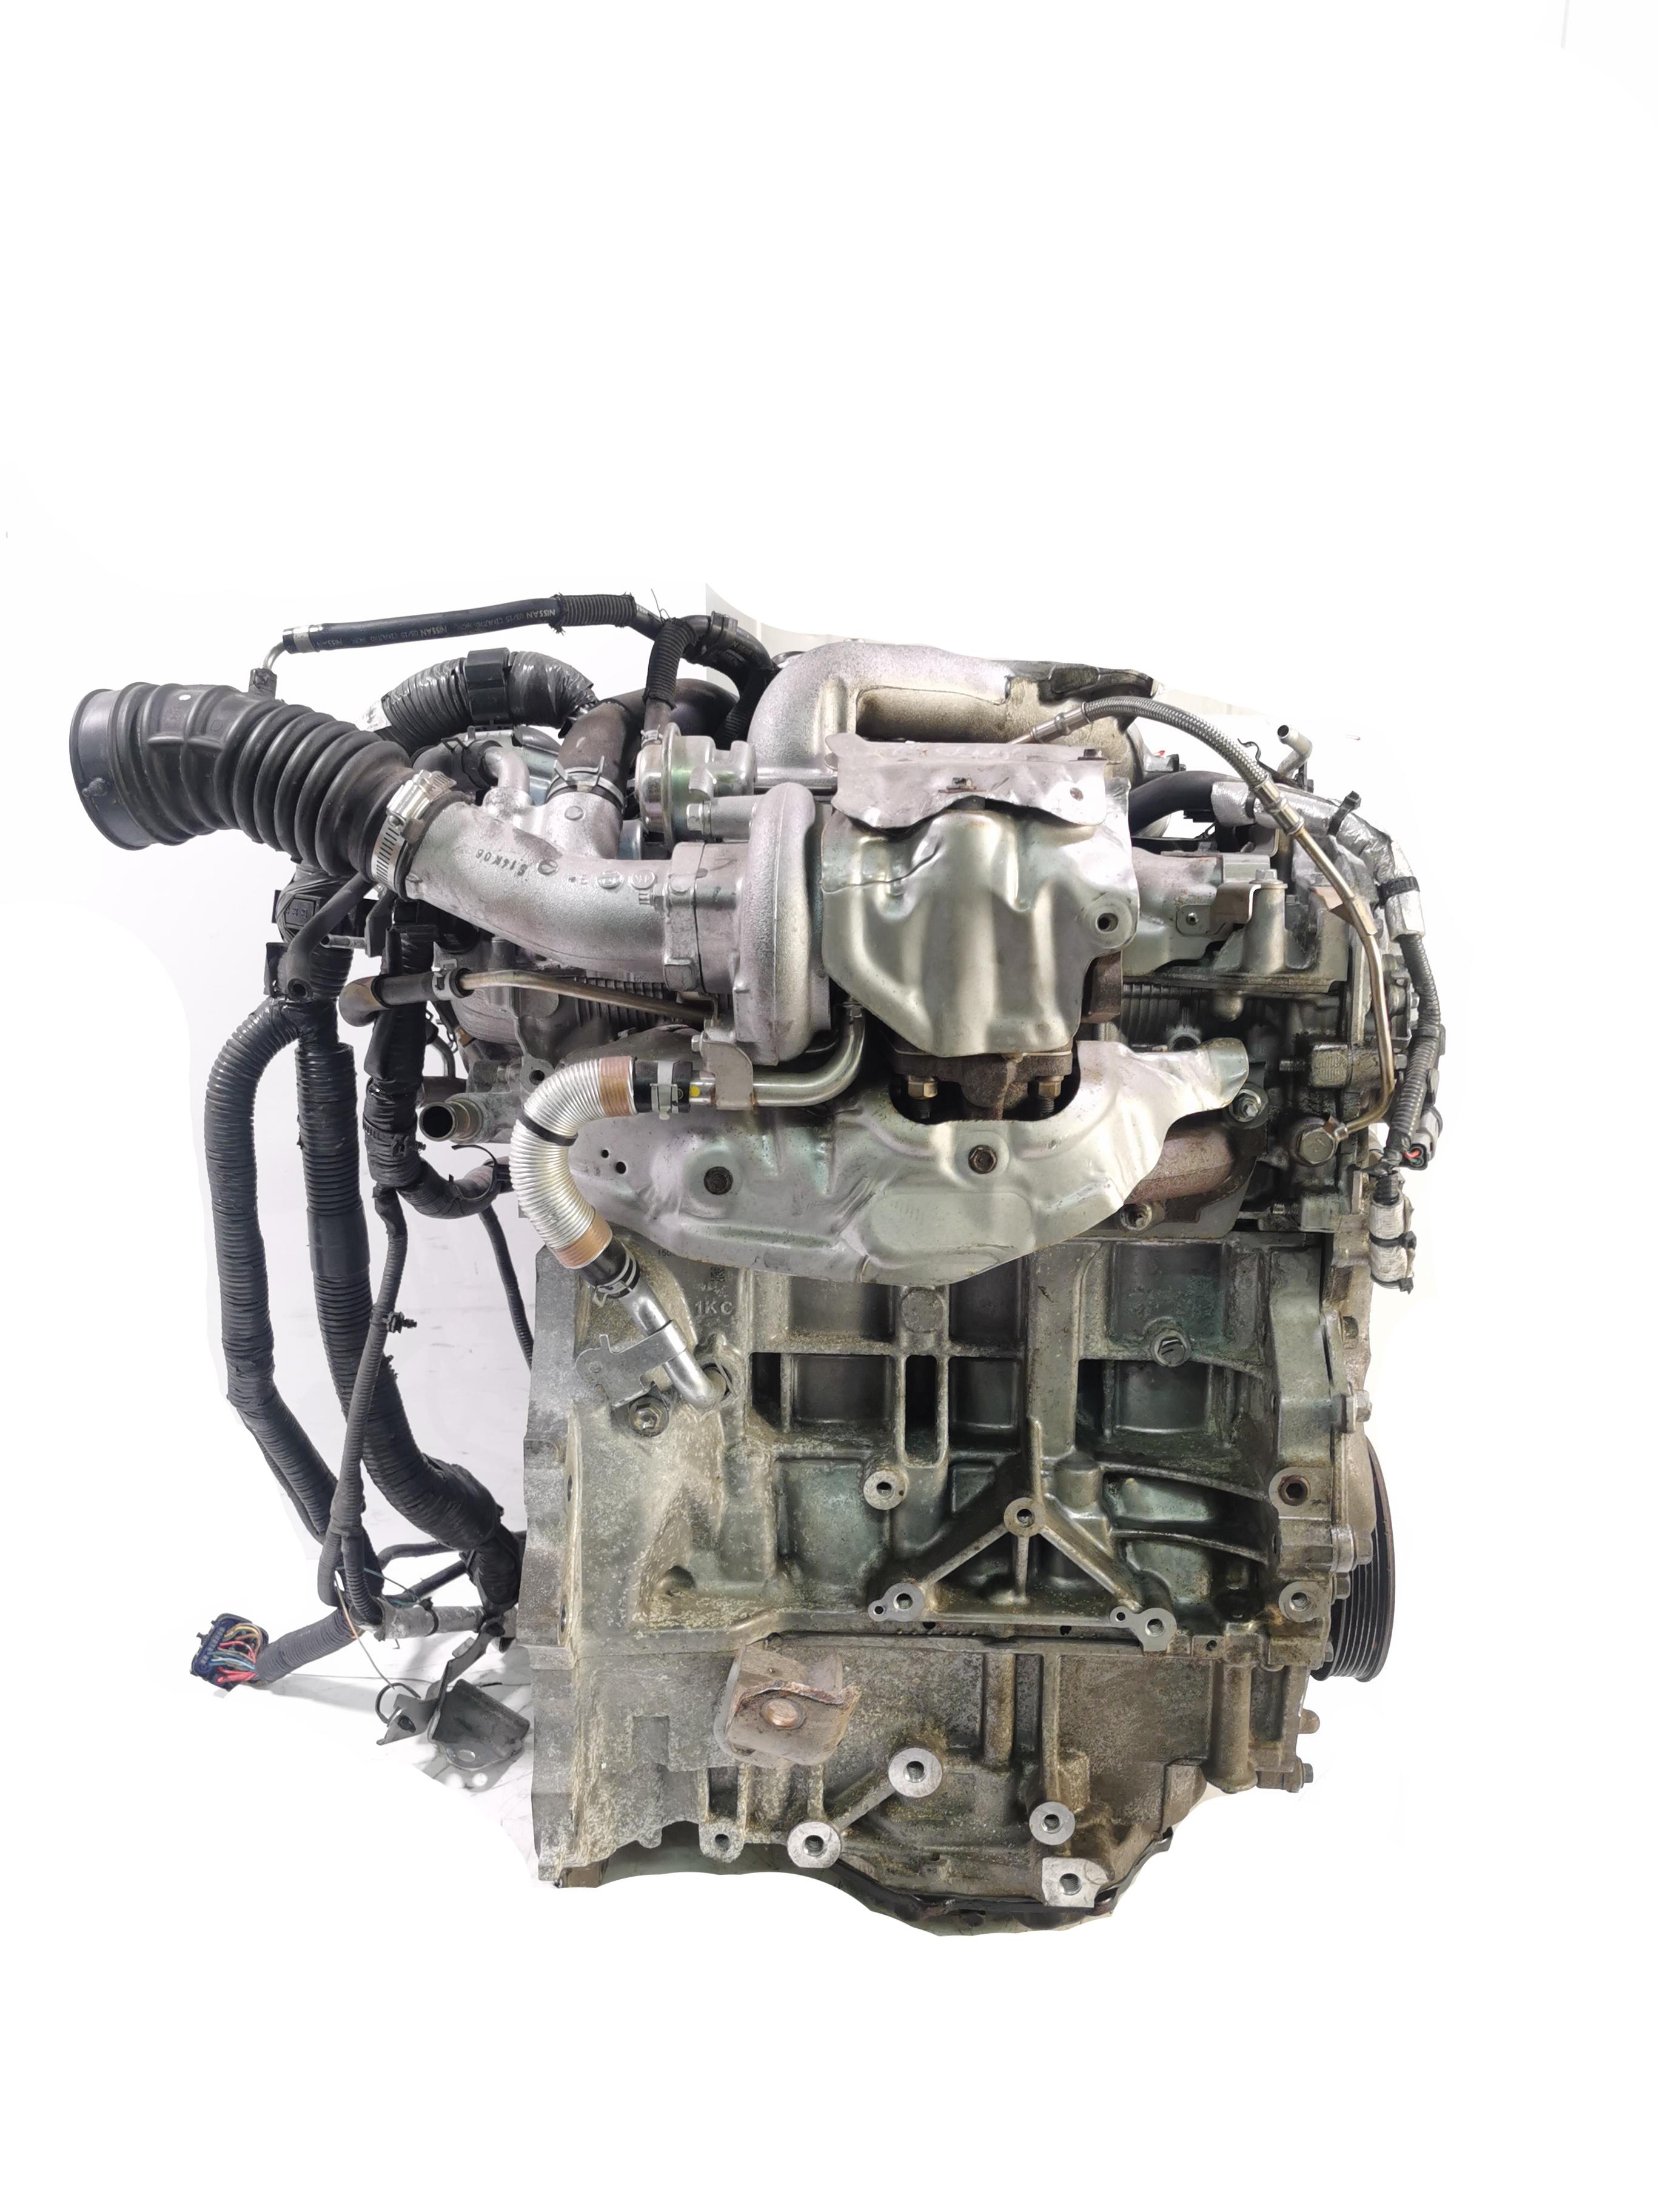 Motor mit Anbauteilen 2015 für Nissan 1,6 DIG-T MR16DDT MR16